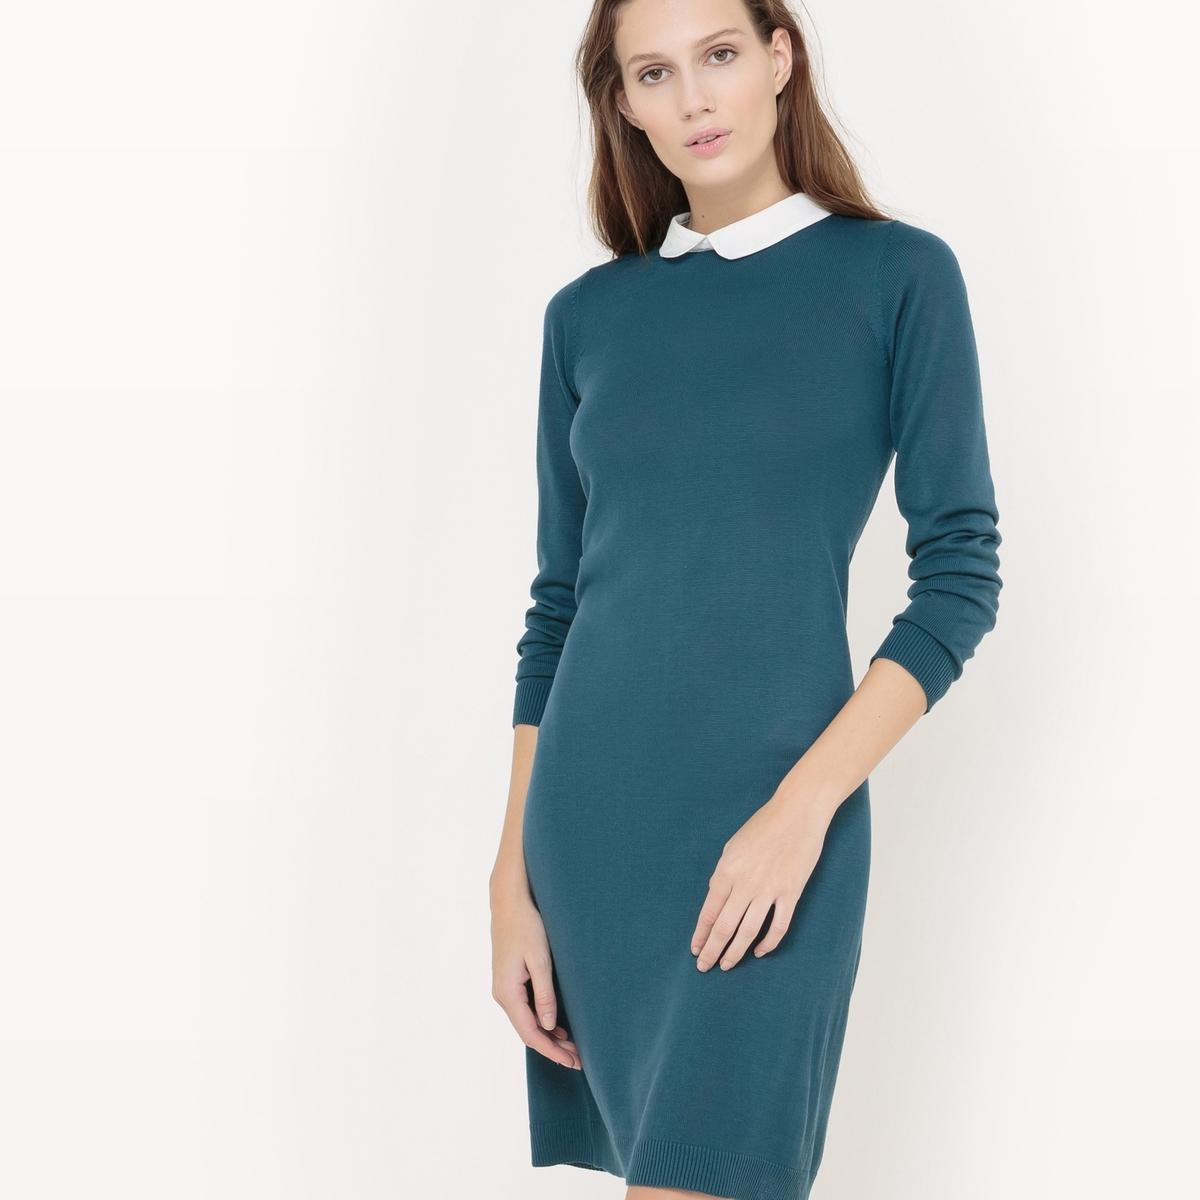 Платье-пуловер с отложным воротникомПлатье-пуловер из тонкого трикотажа . Длинные рукава. Контрастный отложной воротник. Вырез-капелька с застежкой на пуговицу сзади. Состав и описаниеМатериал : Трикотаж 100% акрил - Воротник 100% полиэстерДлина : 95 смМарка :      R ?ditionУход Машинная стирка при 30°C на деликатном режиме С вещами схожих цветов<br><br>Цвет: сине-зеленый,черный